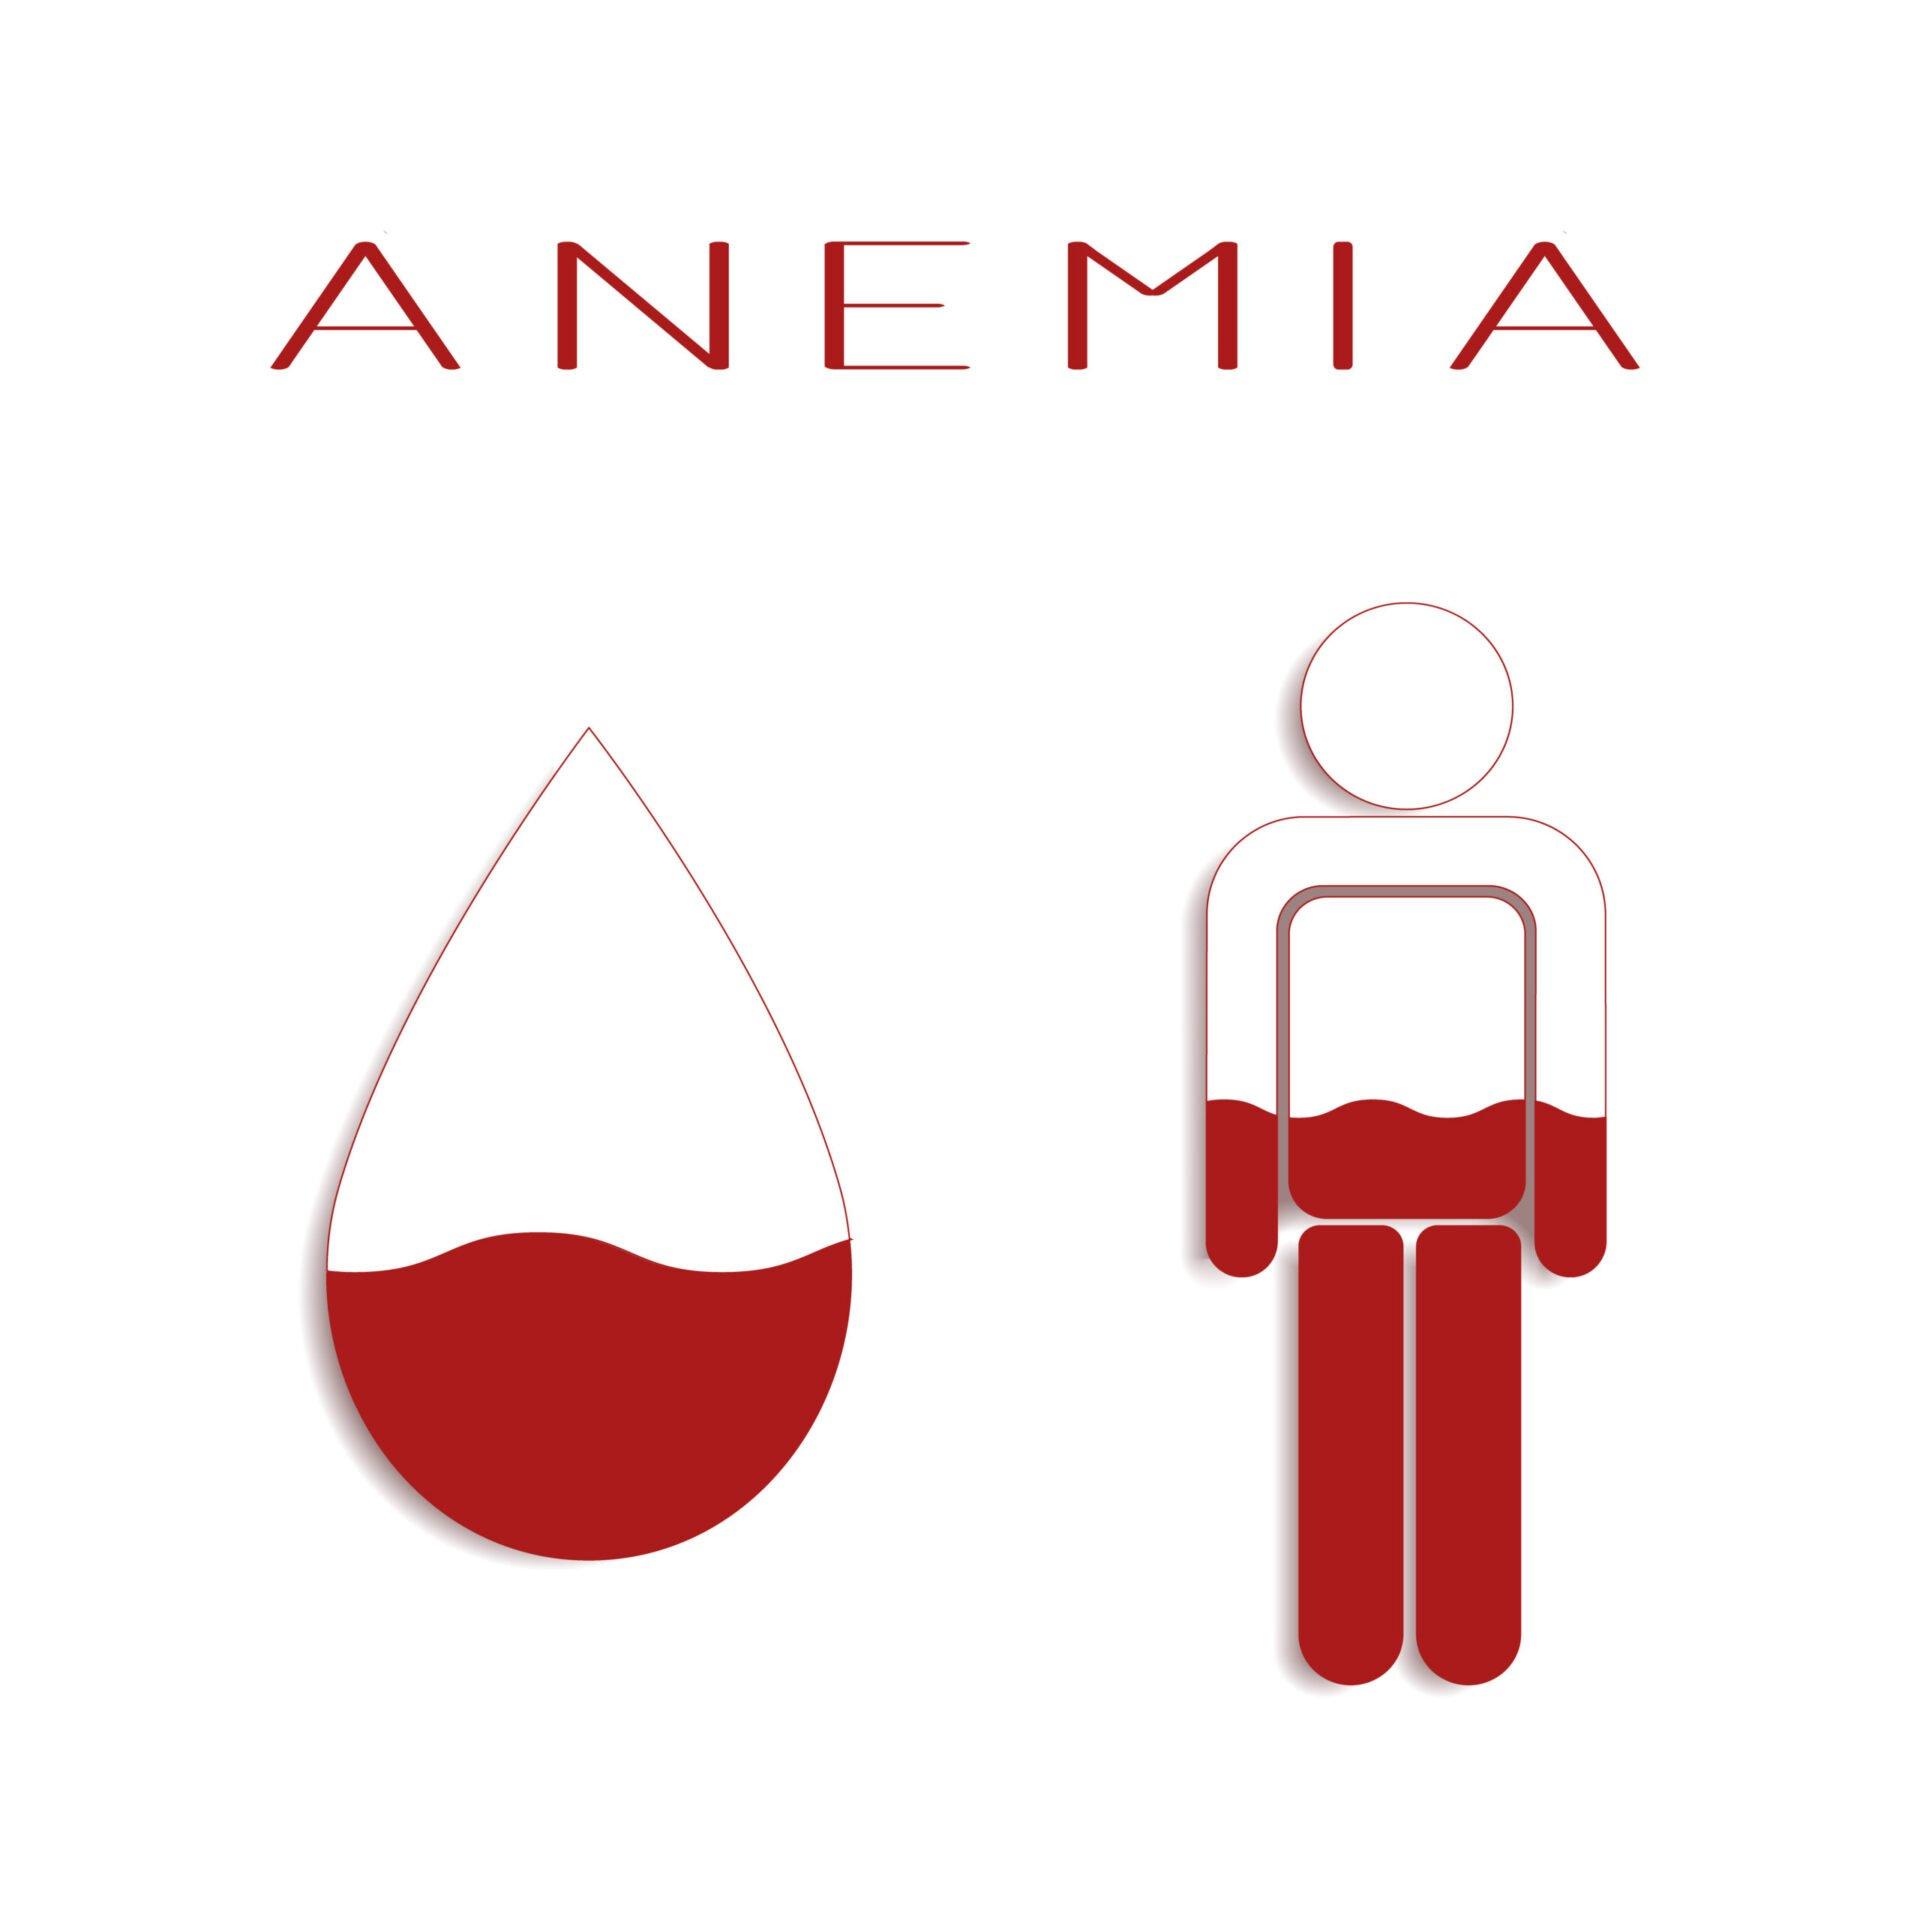 Anemia trebuie tratată doar după ce se fac analize și numai la recomandarea unui medic, pentru că sunt situații în care suplimentele sunt periculoase